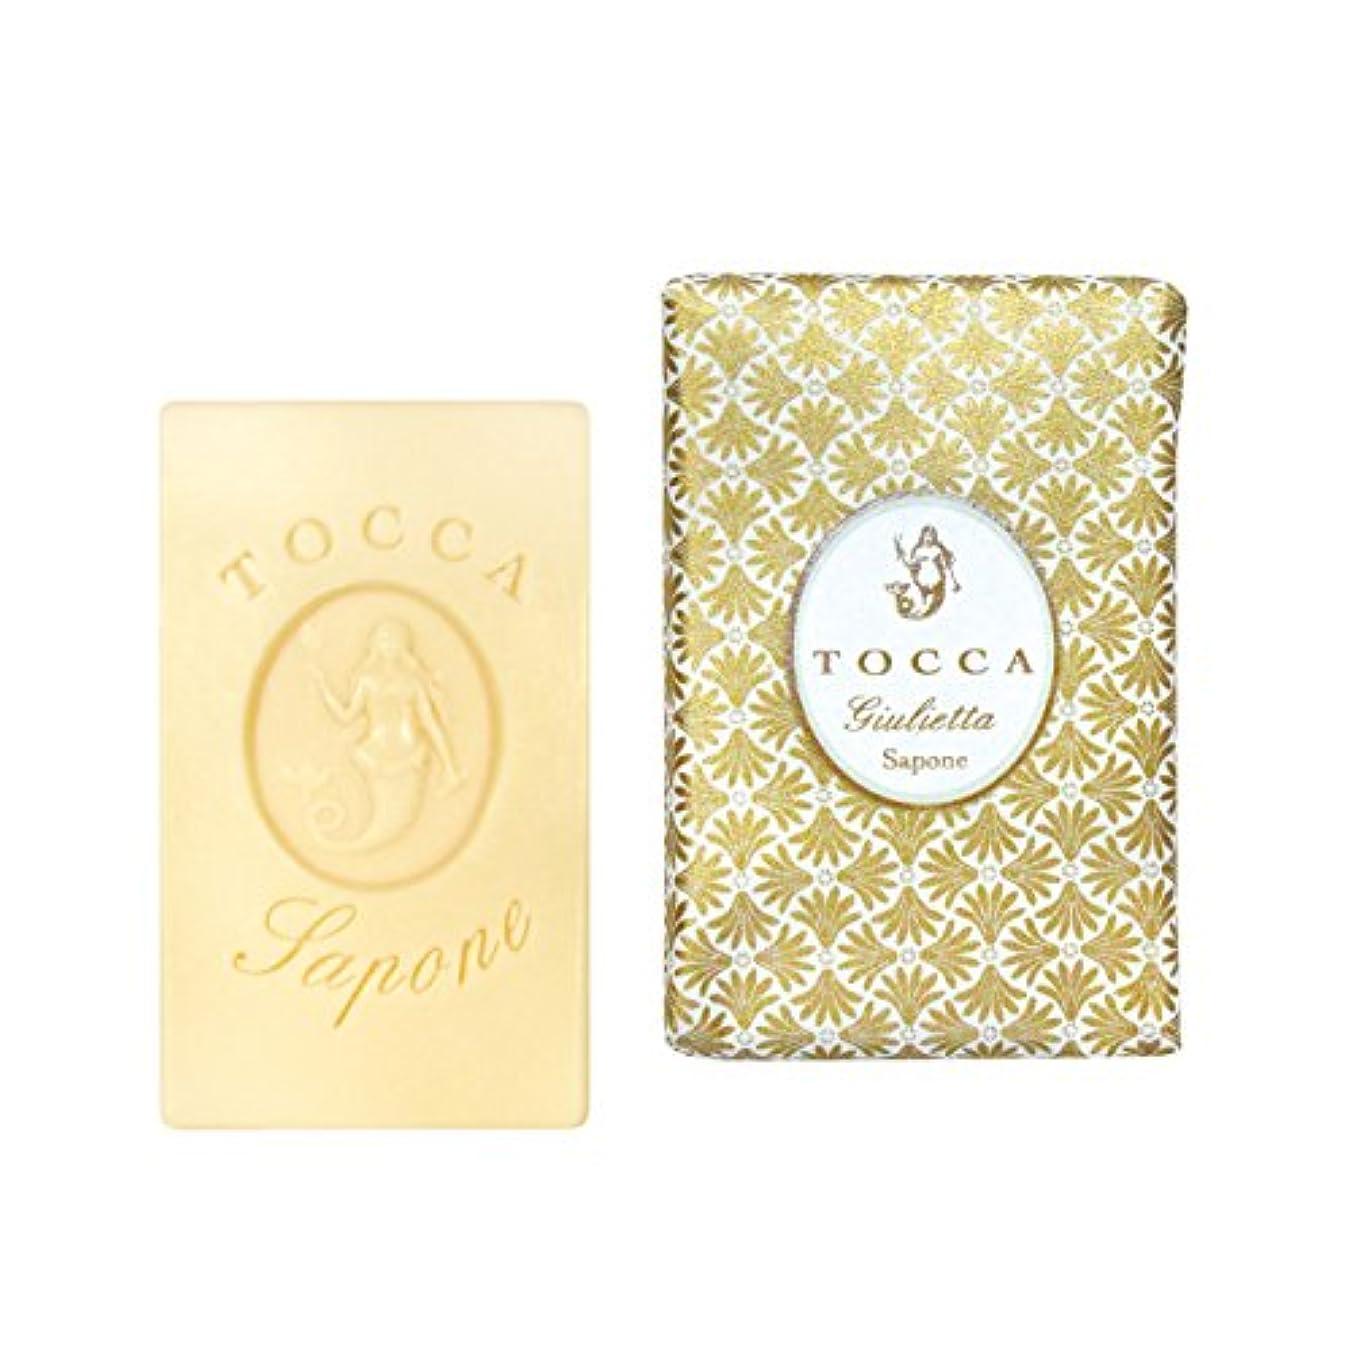 急性しがみつく誤ってトッカ(TOCCA) ソープバー ジュリエッタの香り 113g(化粧石けん ピンクチューリップとグリーンアップルの爽やかで甘い香り)